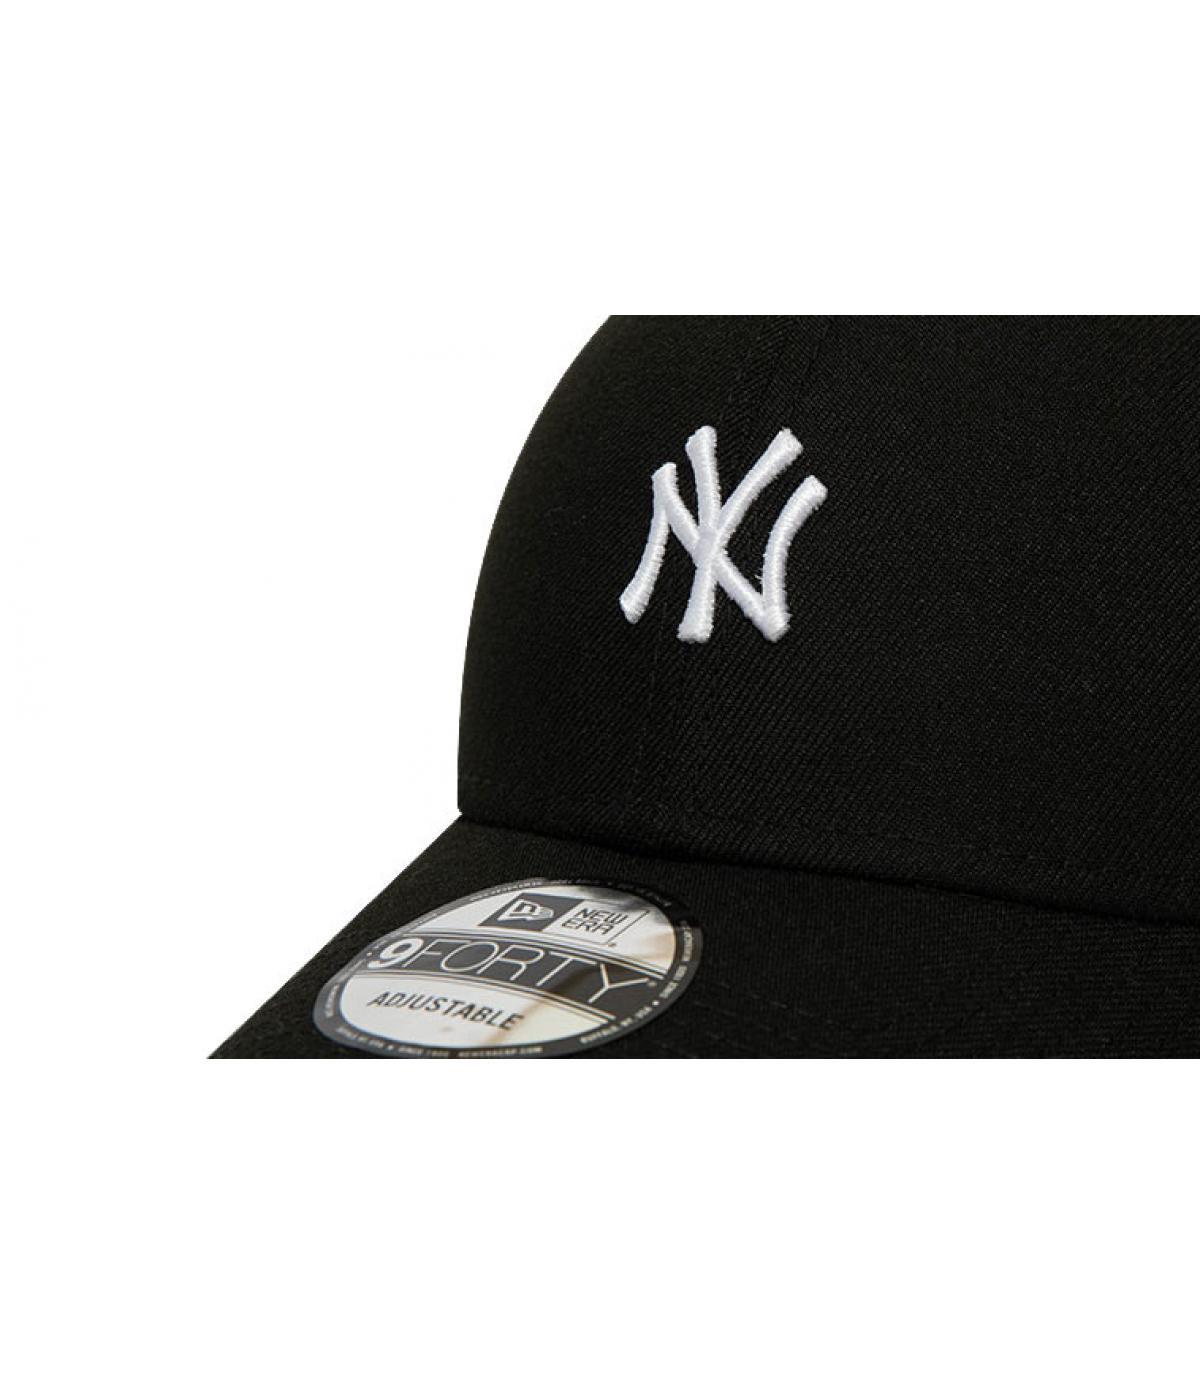 Détails Casquette MLB Tour NY 940 black - image 3